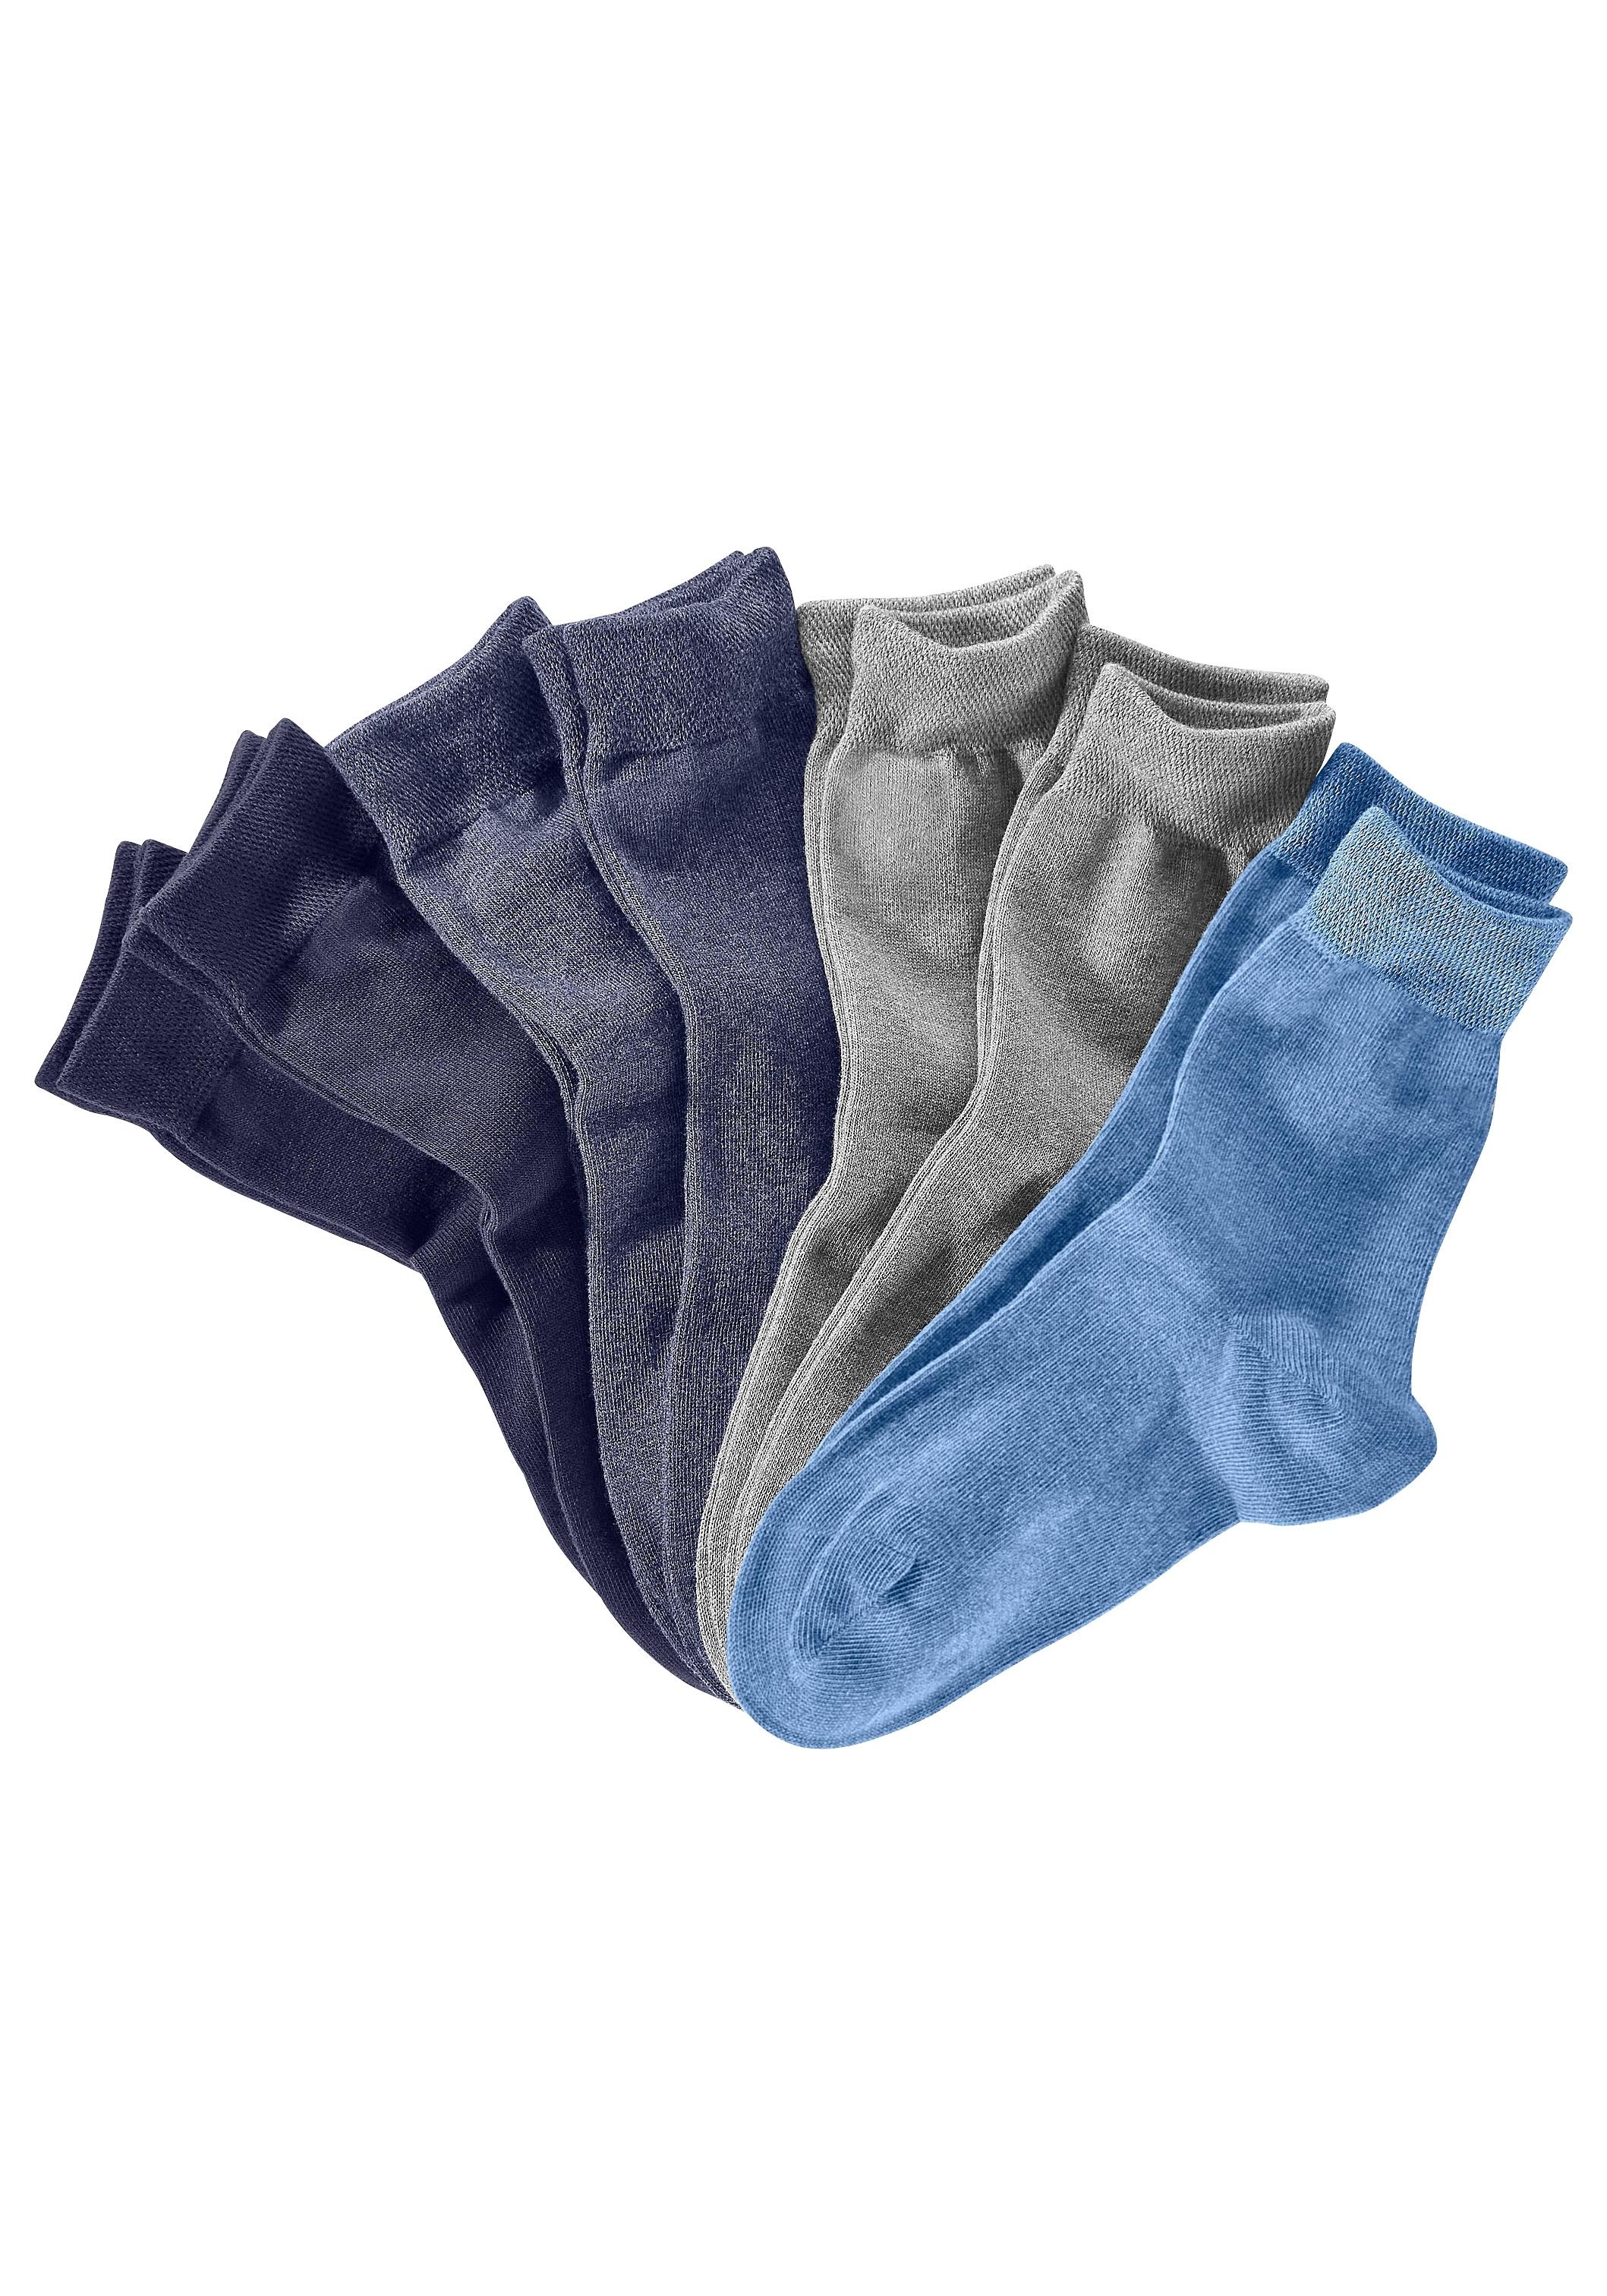 S.oliver Bodywear s.Oliver RED LABEL Bodywear vrijetijds- en businesssokken (set van 7 paar) in een blik goedkoop op lascana.nl kopen